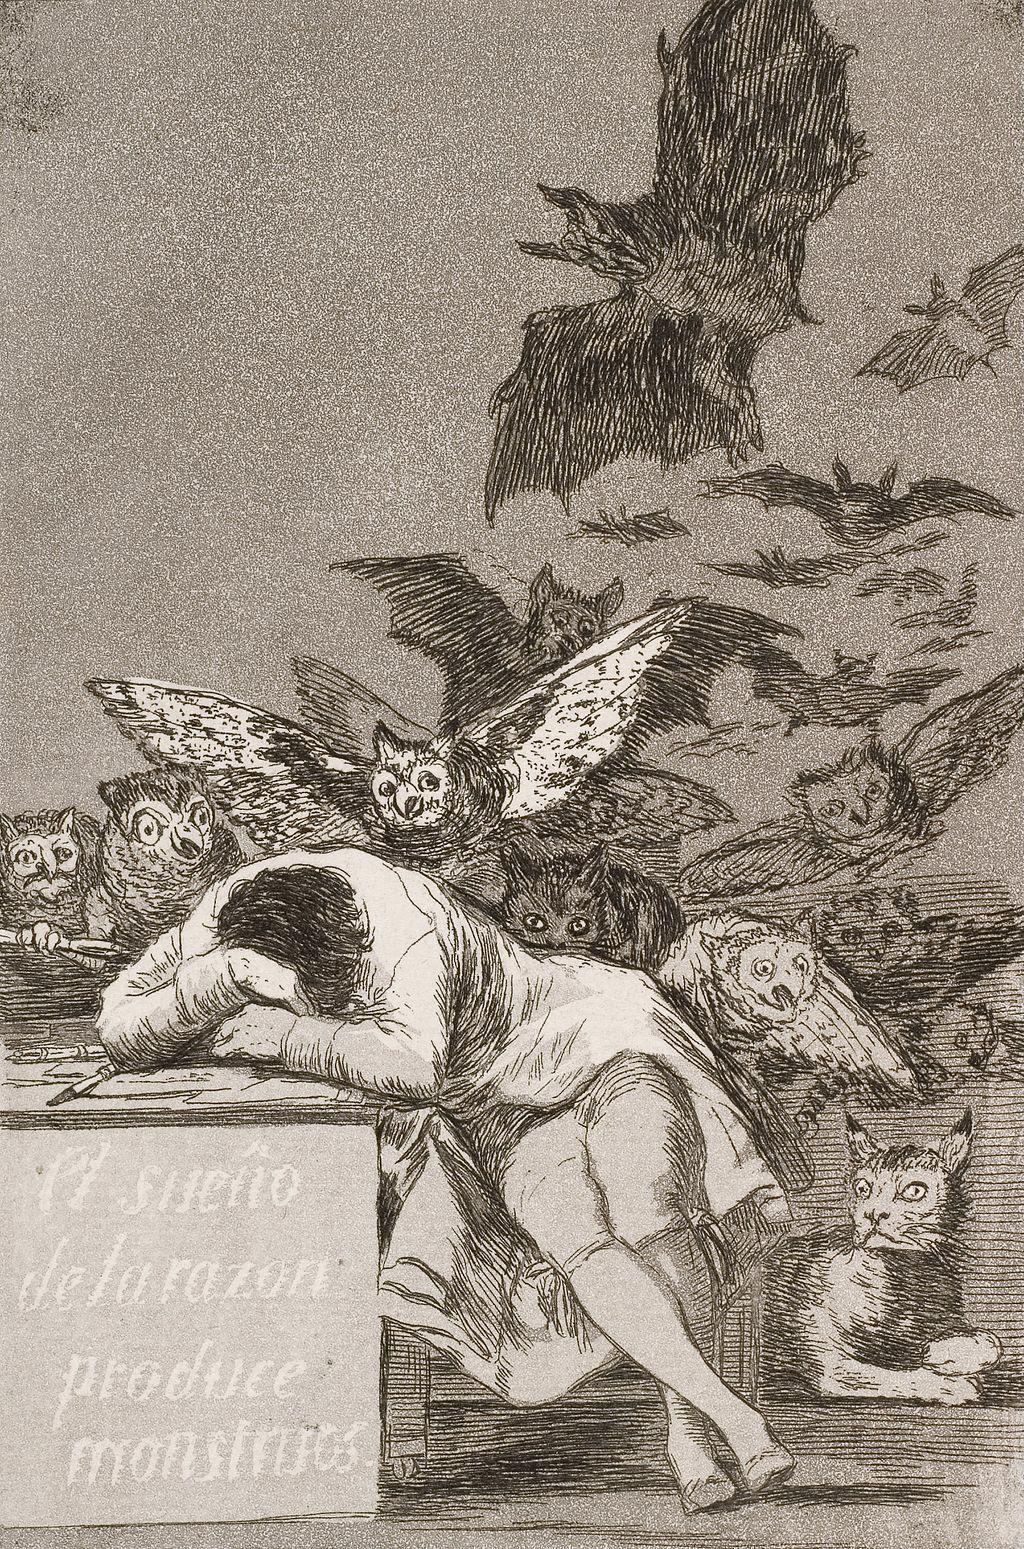 El sueño de la razón produce monstruos ( The Sleep of Reason Produces Monsters), 1799  Francisco Goya  Etching  21.5 cm x 15 cm  Metropolitan Museum of Art